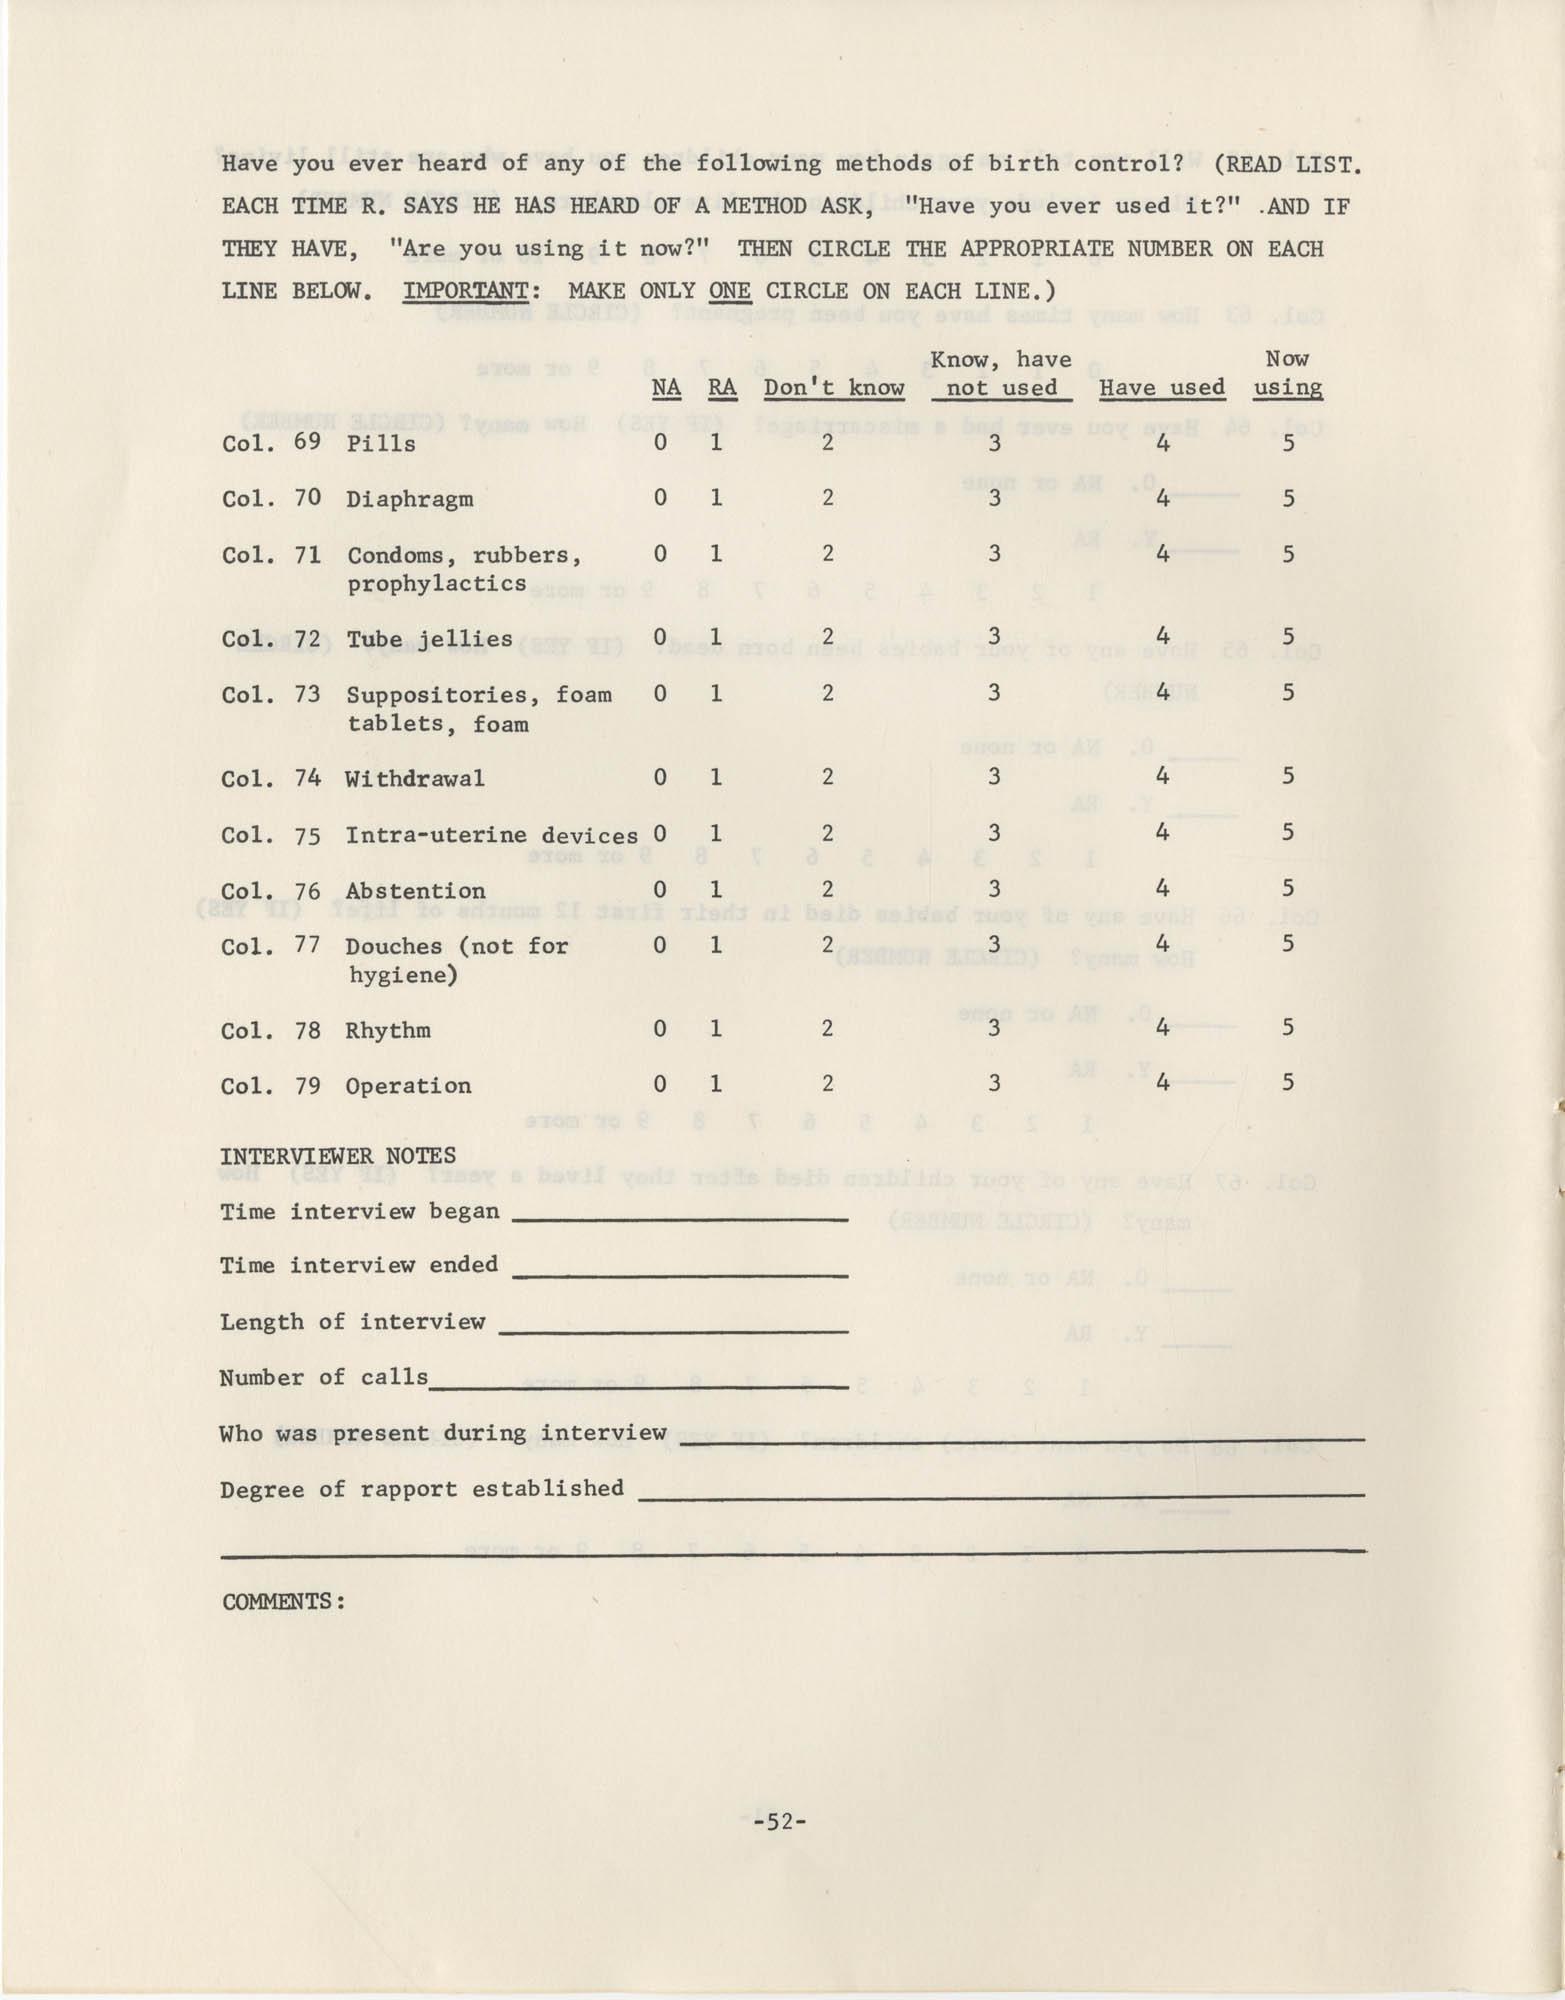 North Carolina Socio-Economic Survey, Page 52